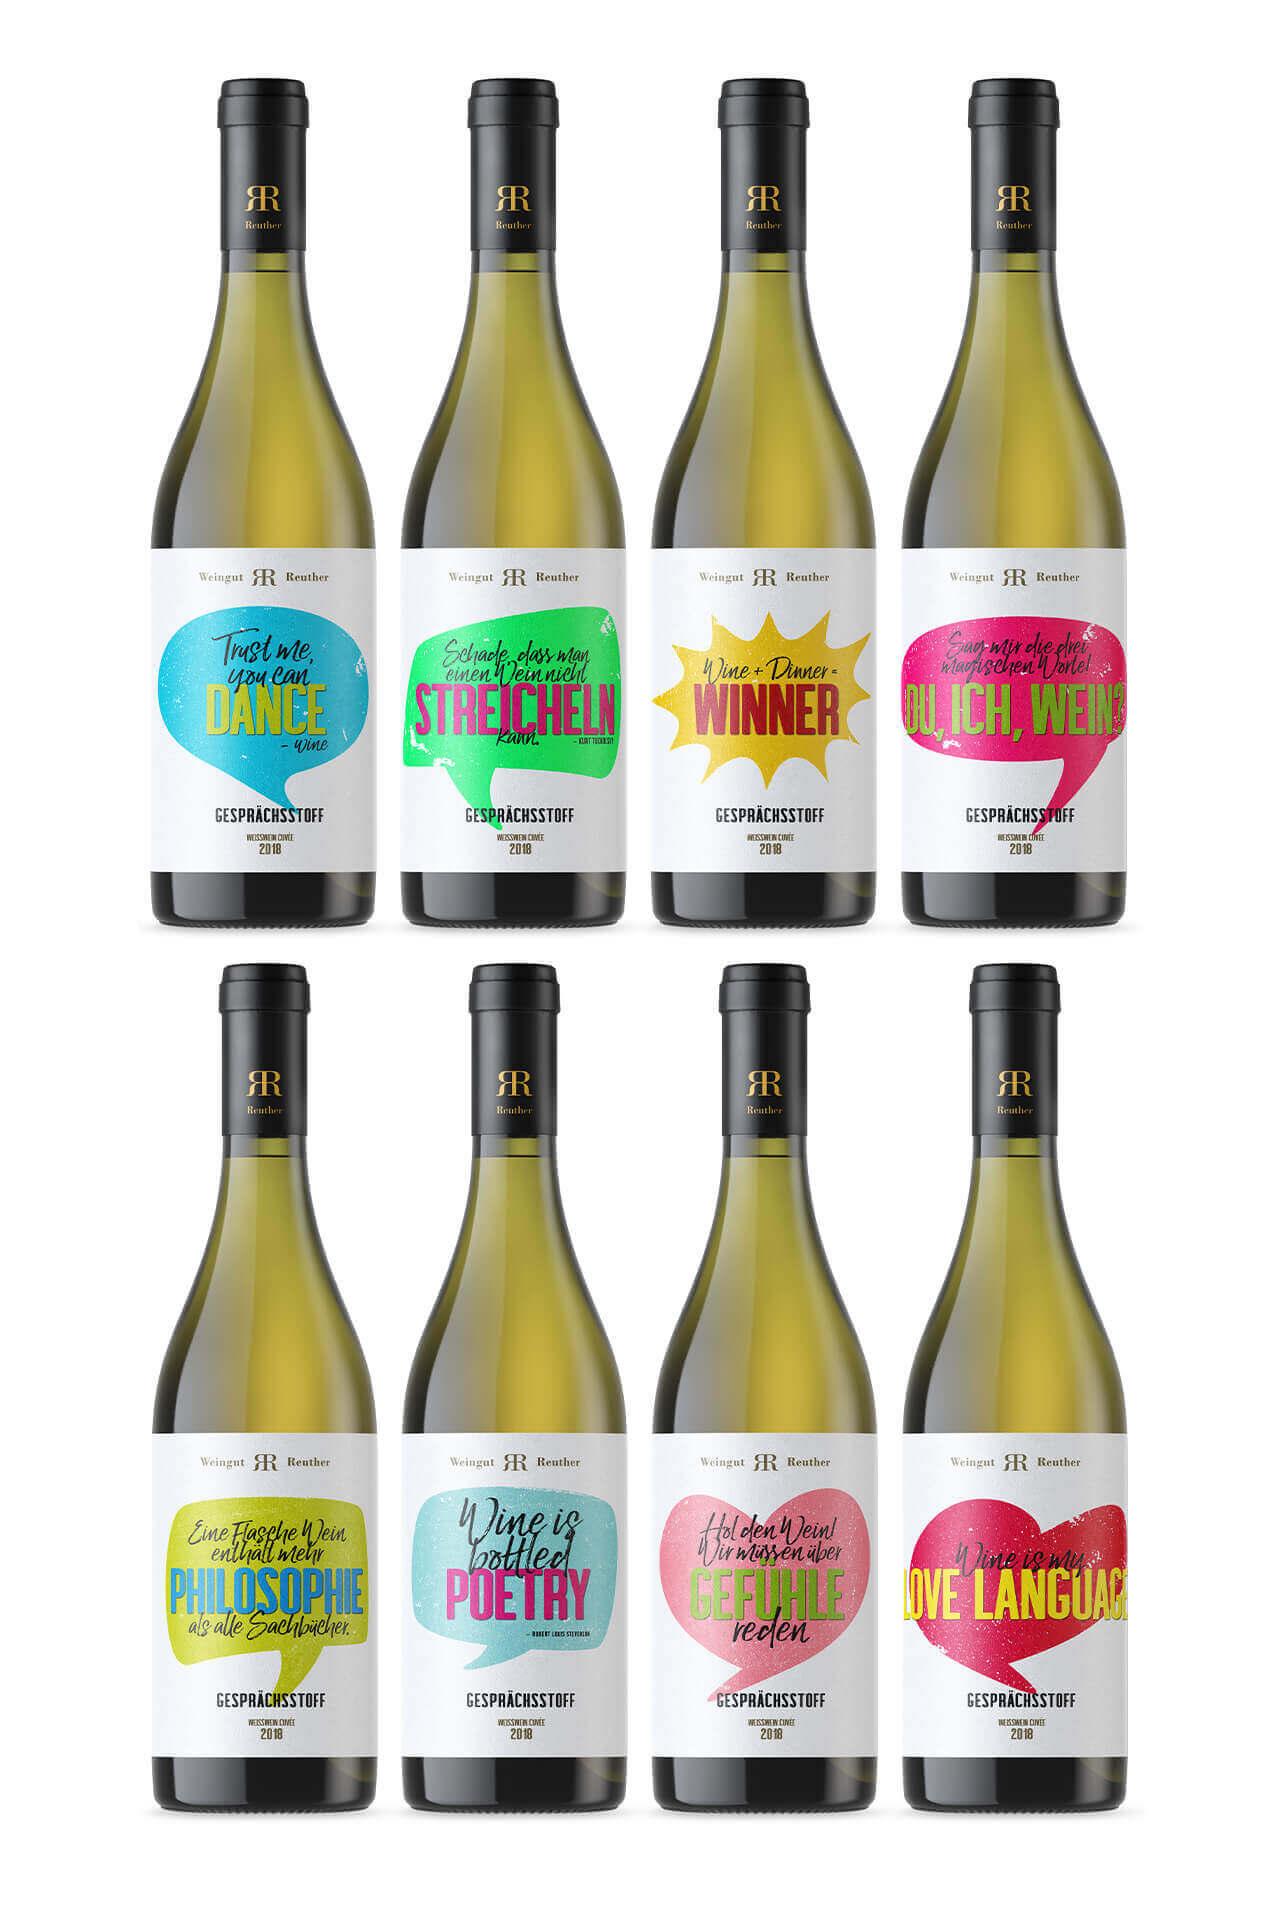 Gesprächsstoff. Verpackungsdesign / packaging design mit diversen Sprüchen für Jacques Weindepot und Weingut Reuther.